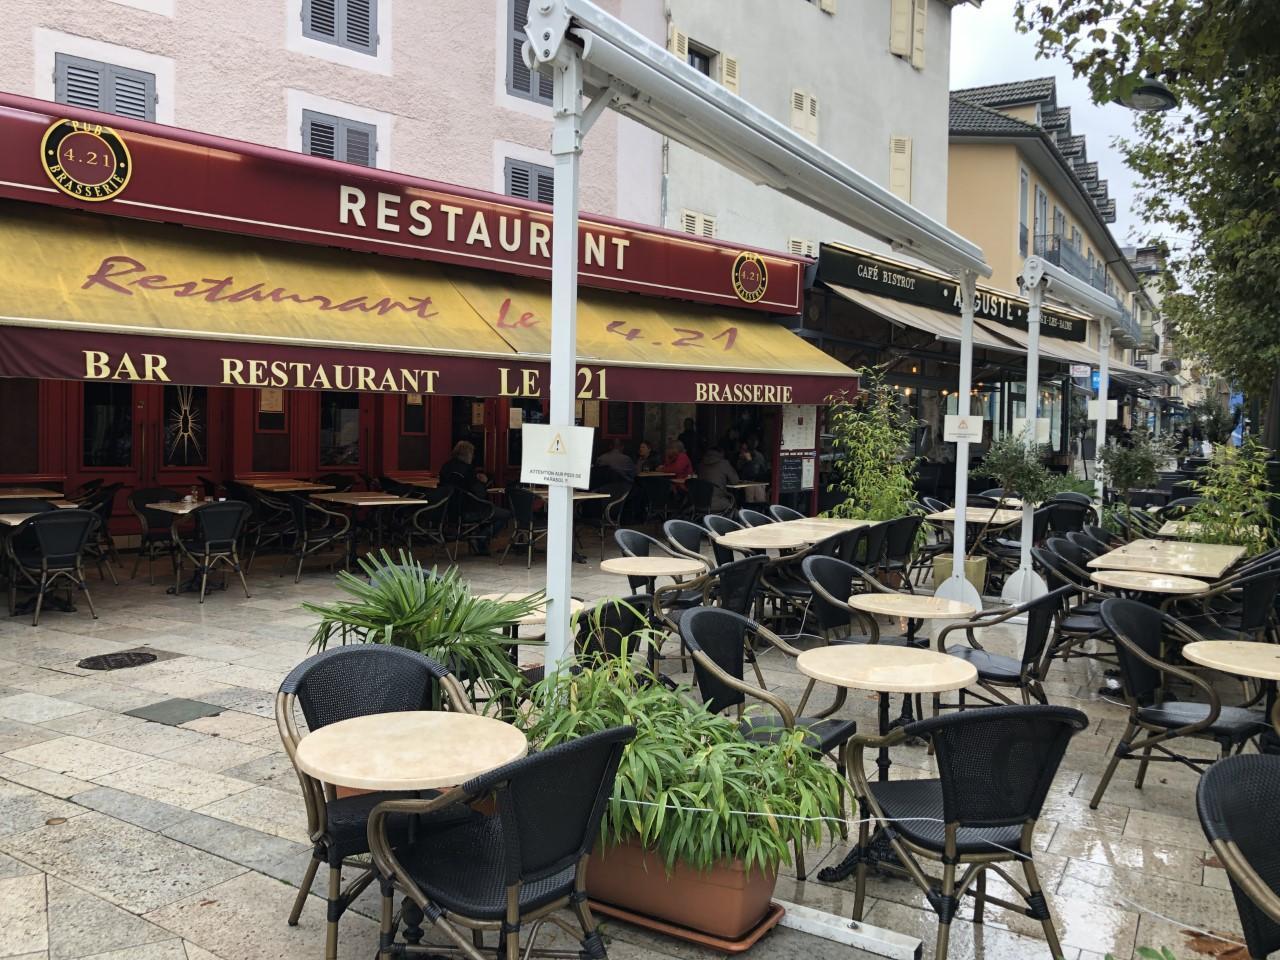 Les restaurants et les brasseries vont devoir s'adapter au couvre-feu mais les bars resteront fermés.